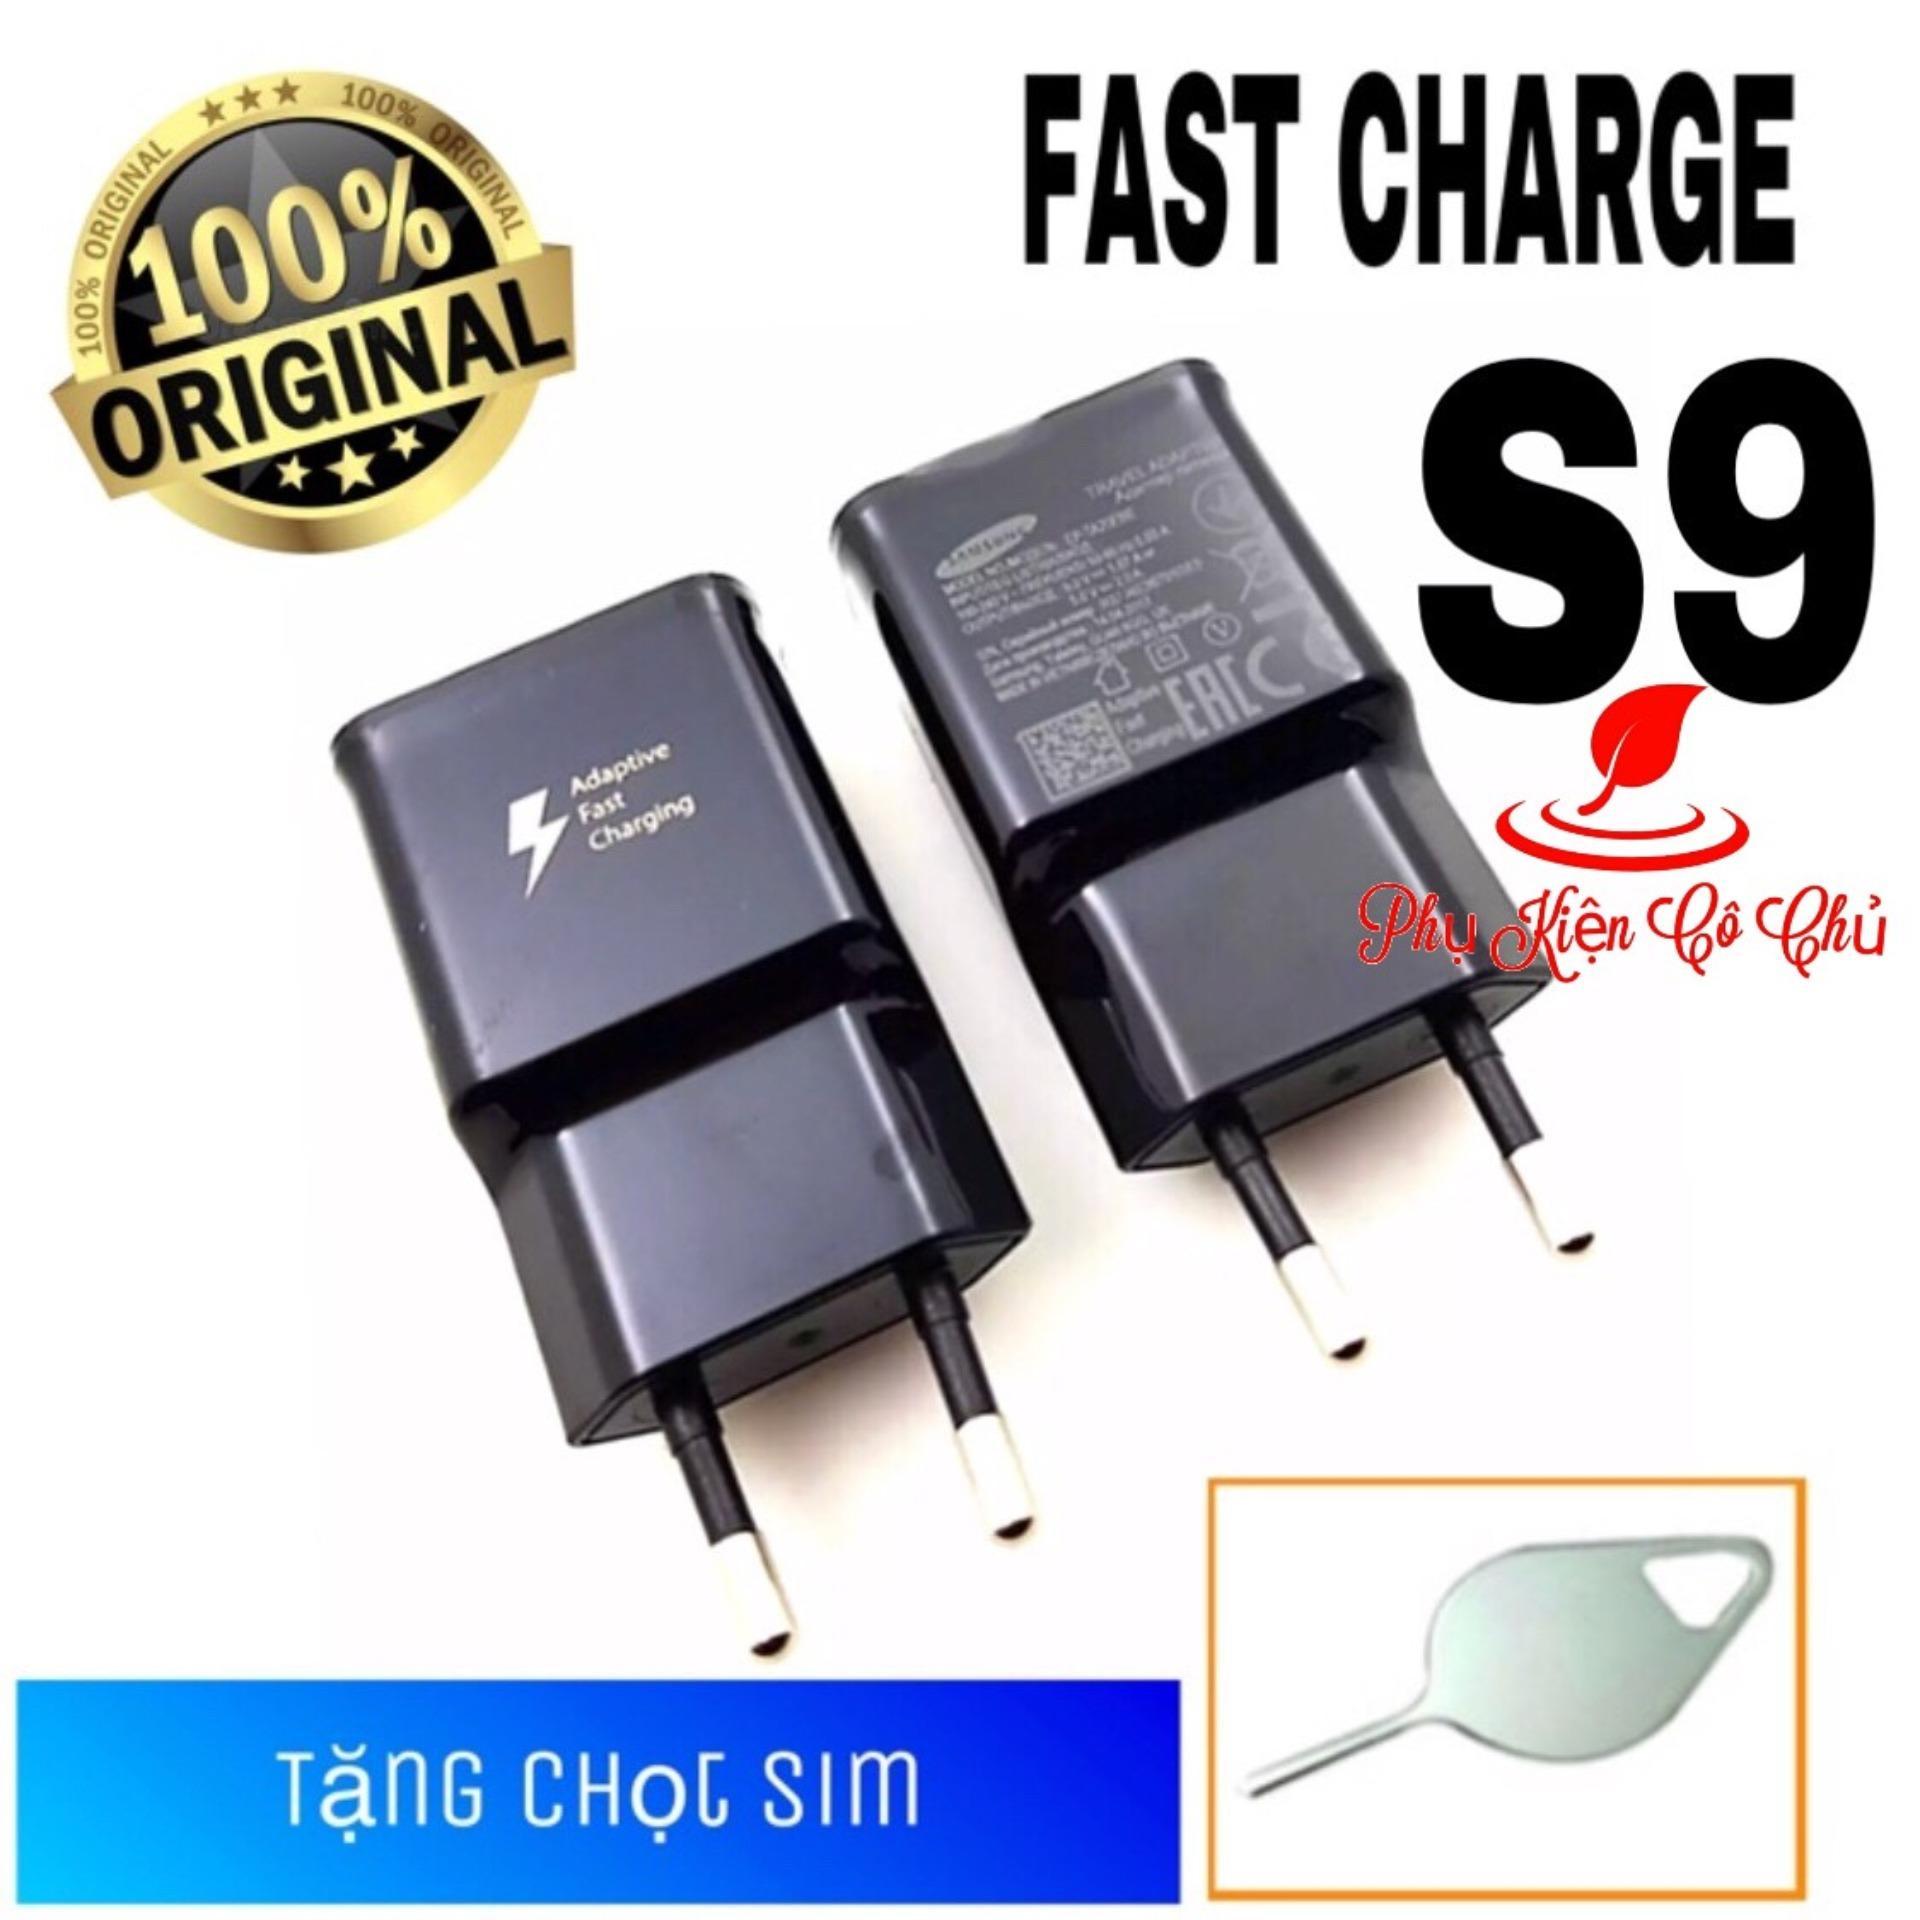 Củ Sạc Nhanh SamSung S9/ S9+ ZIN Theo Máy (Đen)- Fast Charge